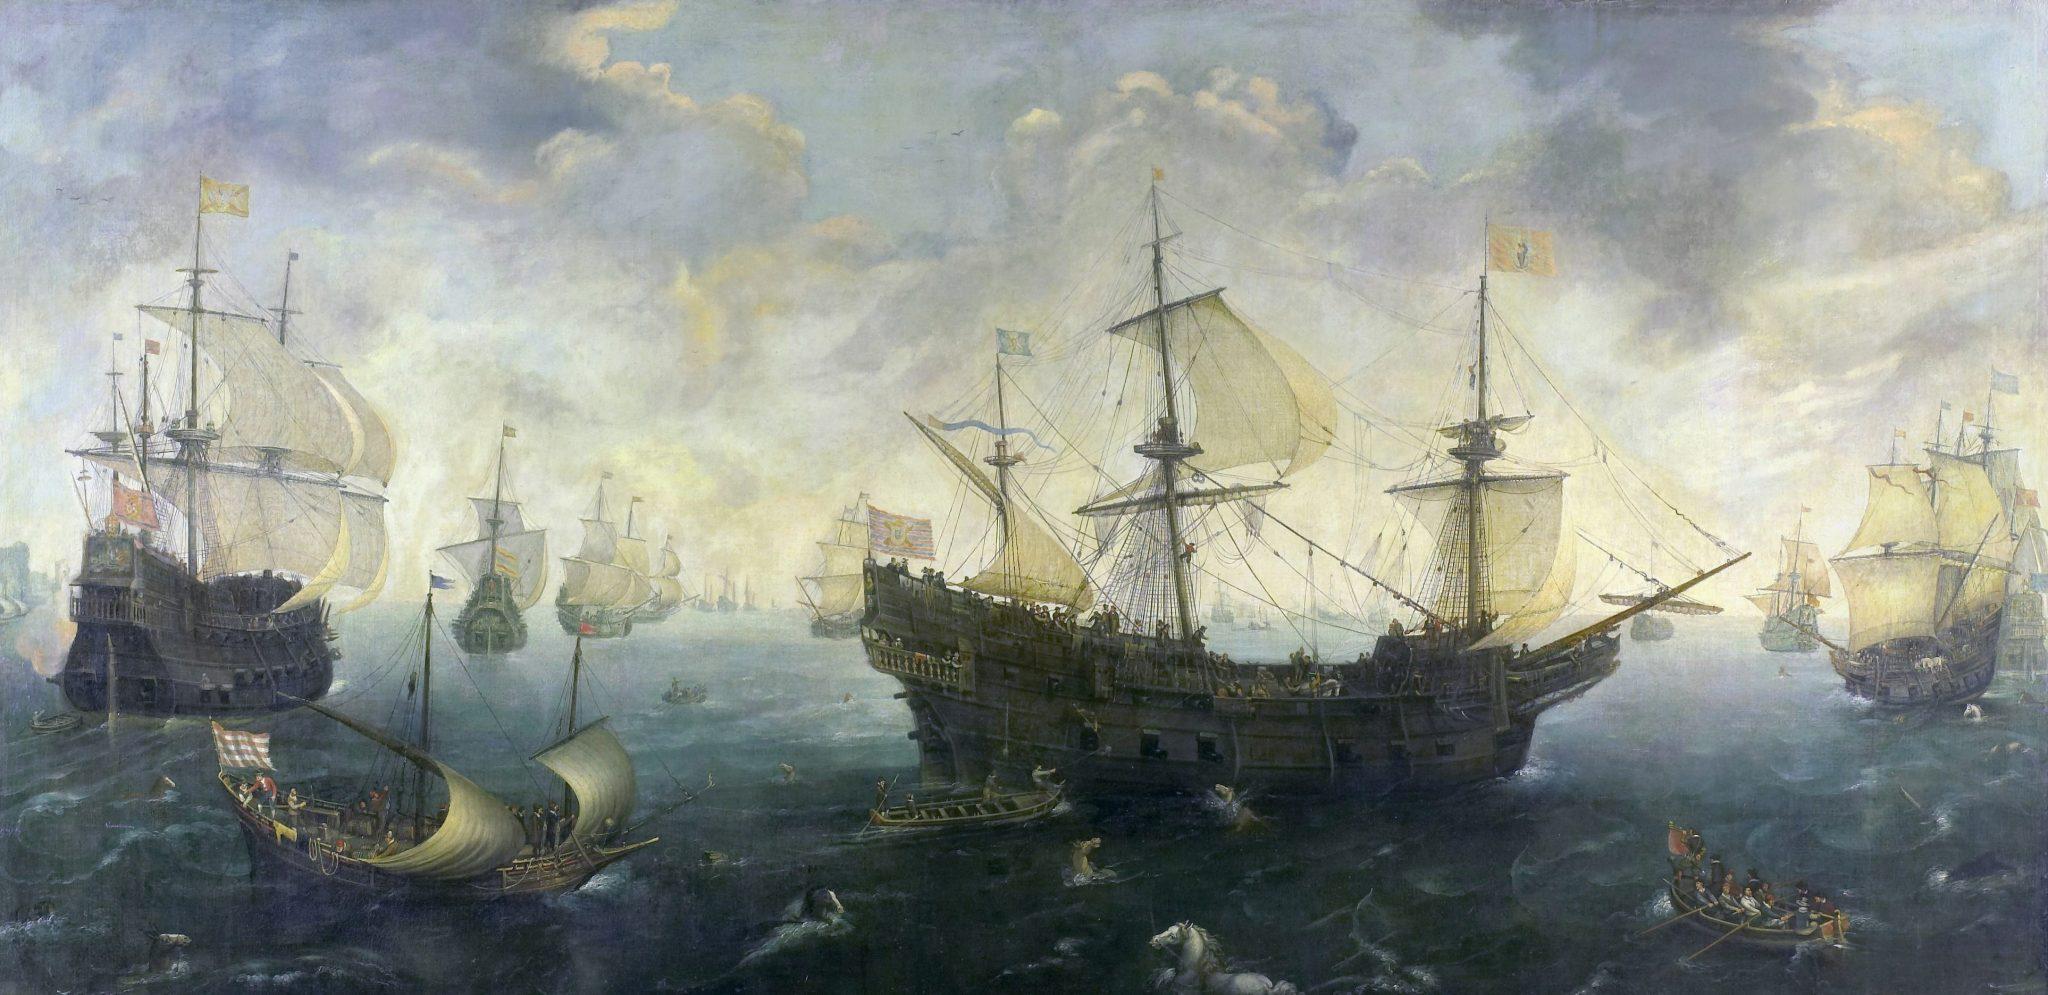 La Armada española de 1588 (cuadro de 1620)